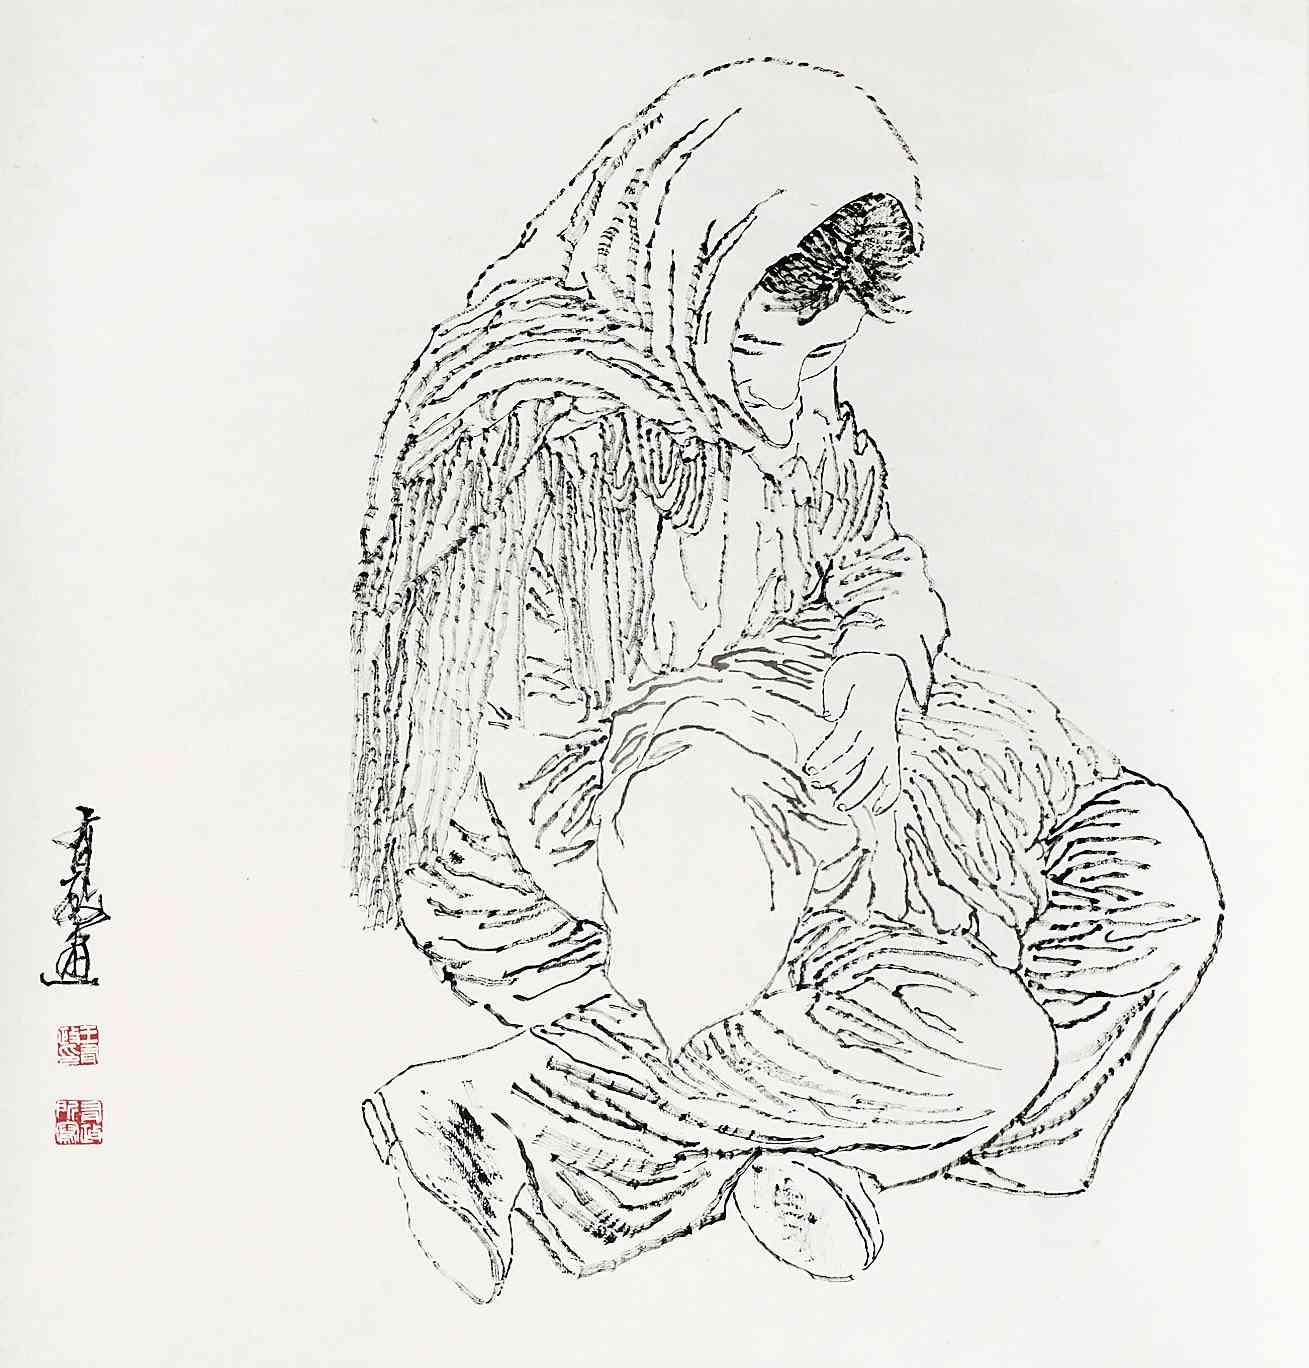 关于母爱的手绘背影图